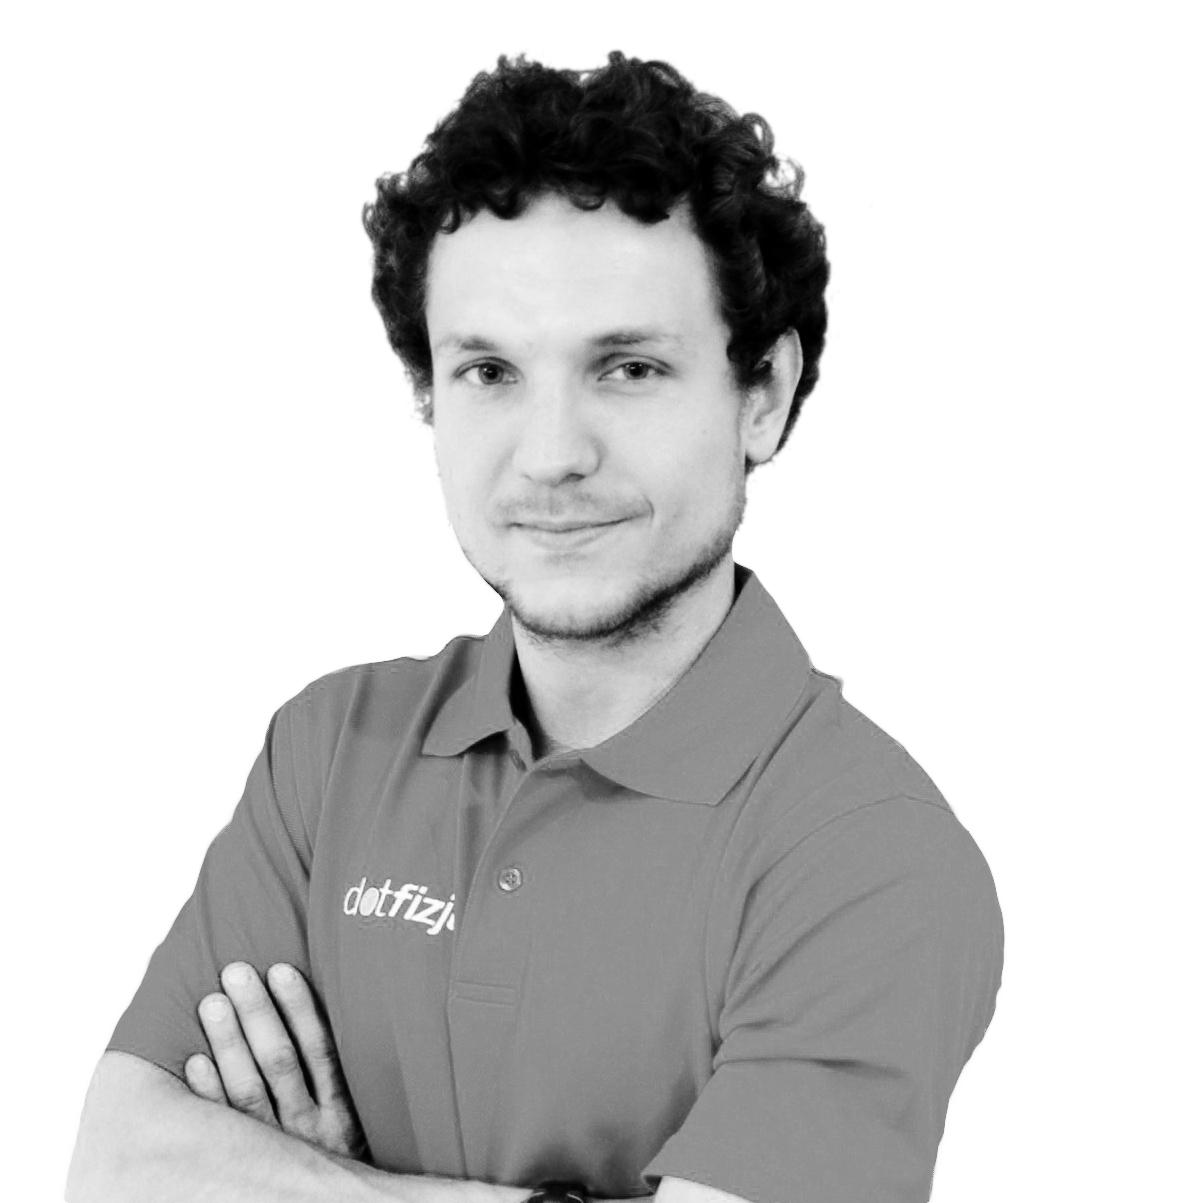 Laser wysokoenergetyczny - opinia - Paweł Osak